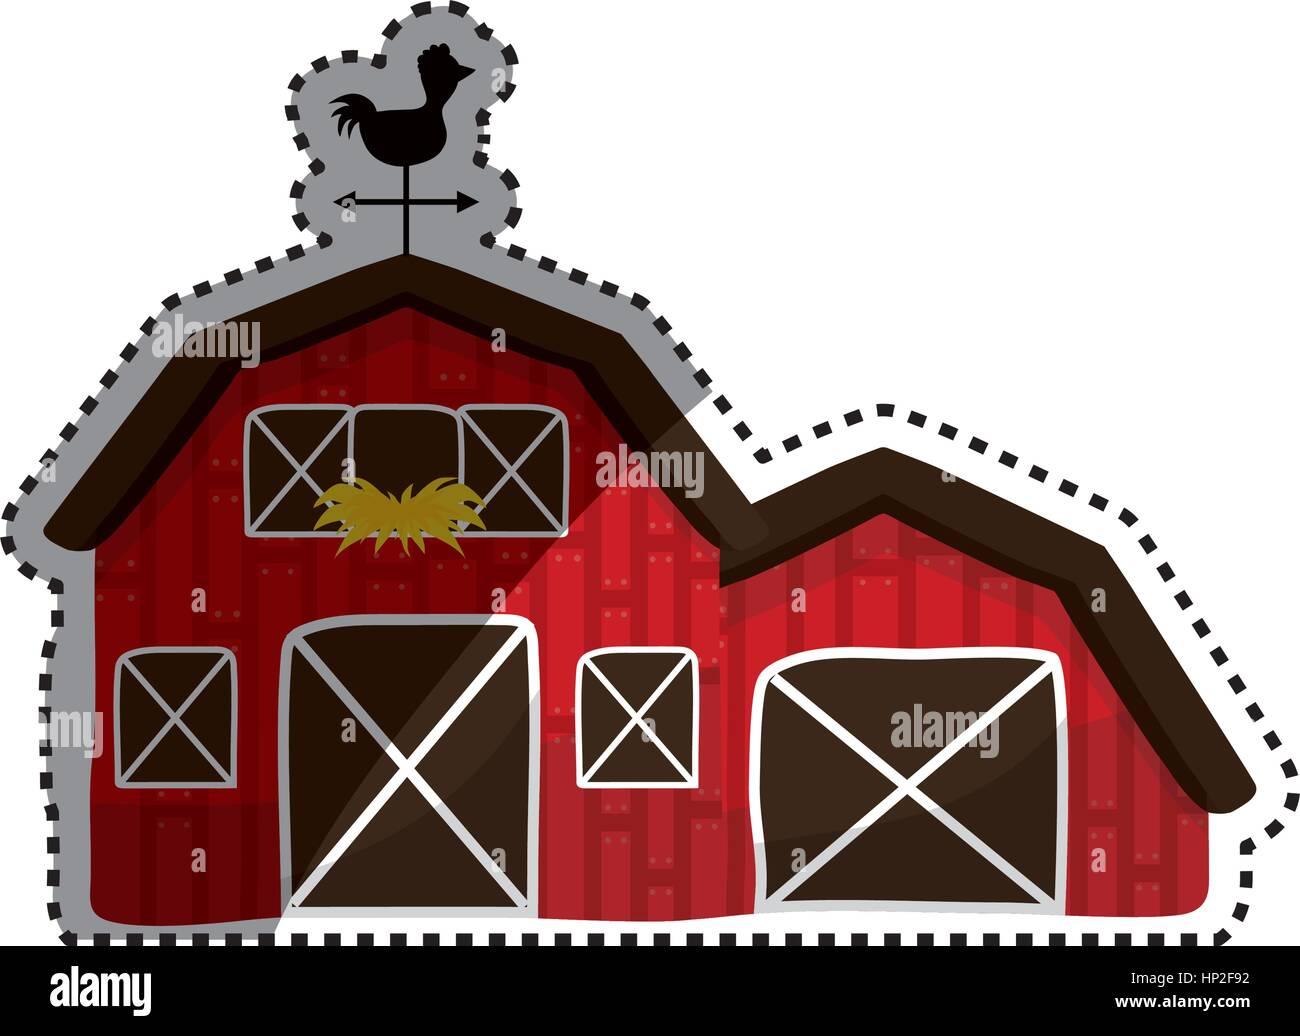 Farm Barn Building Icon Vector Illustration Graphic Design